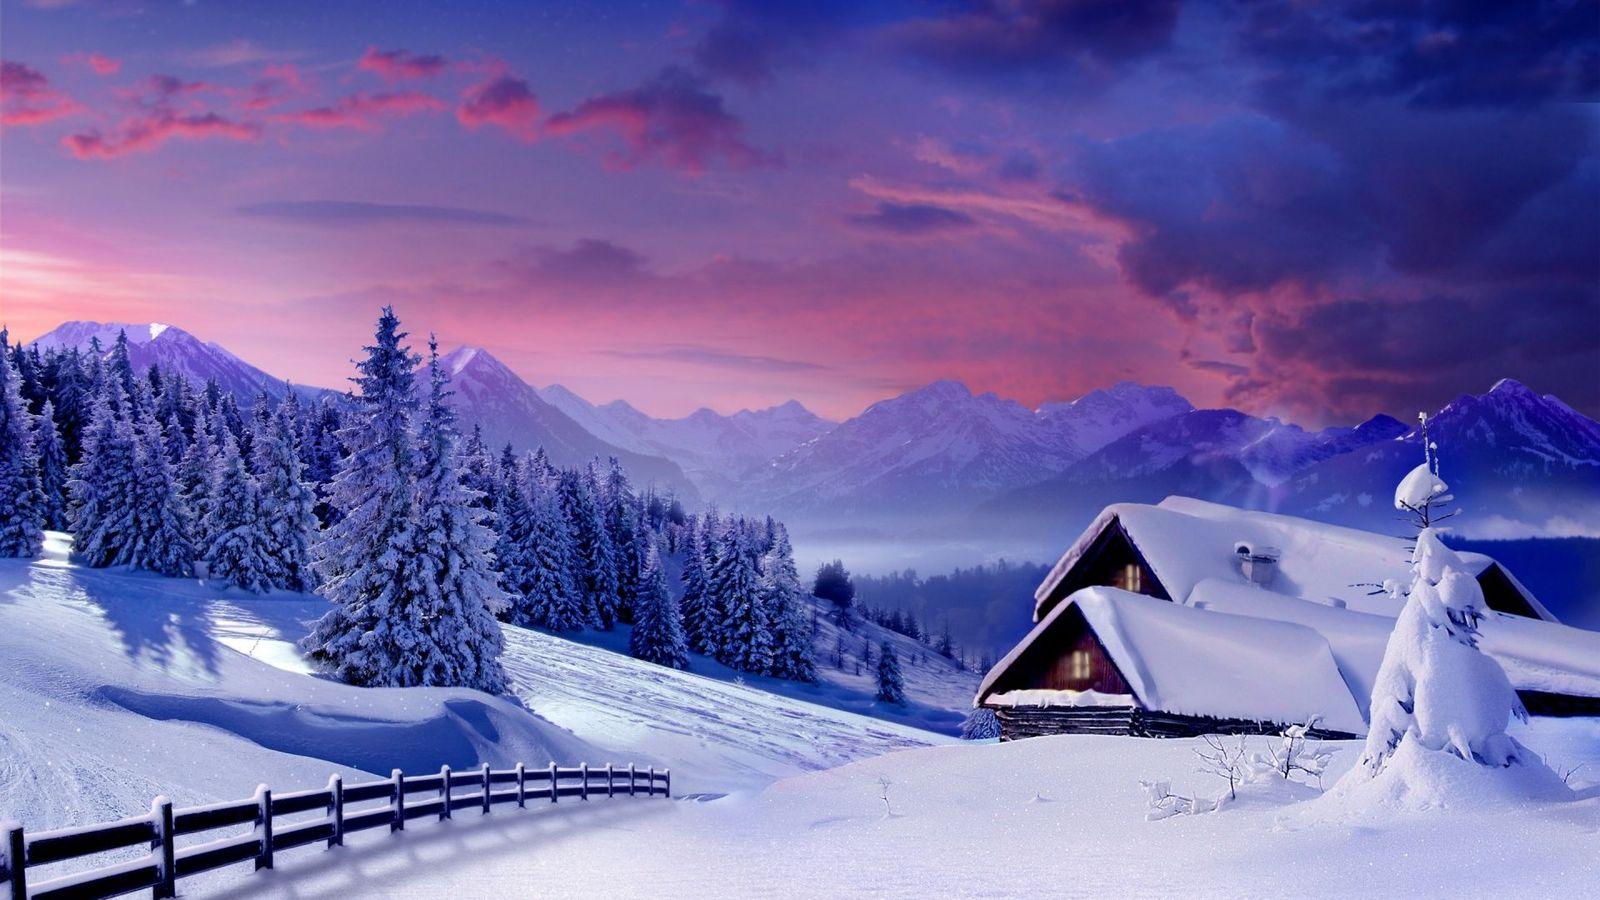 fond d'ecran hiver